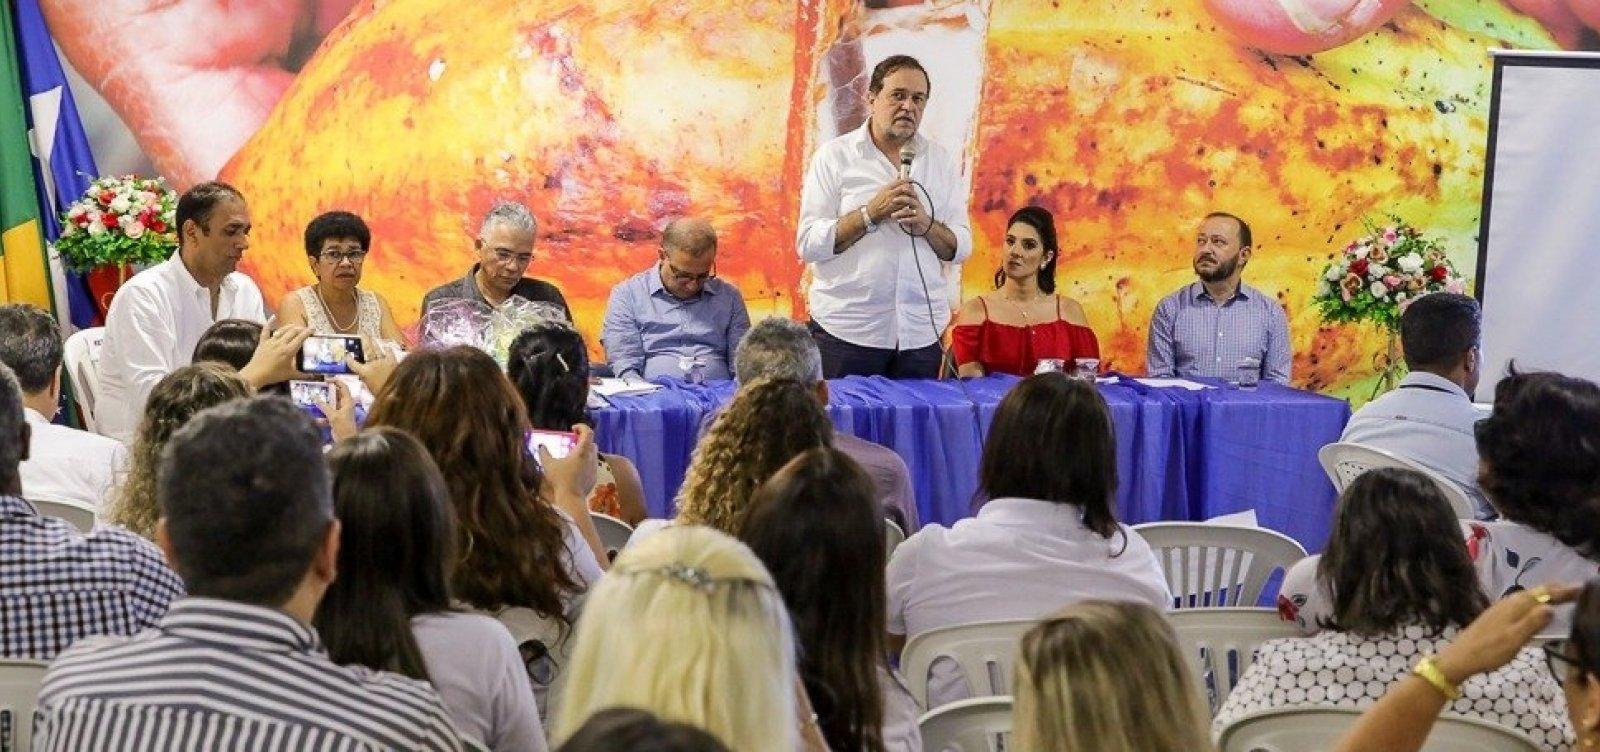 [Cinco classes hospitalares são inauguradas para atender estudantes no sul da Bahia]